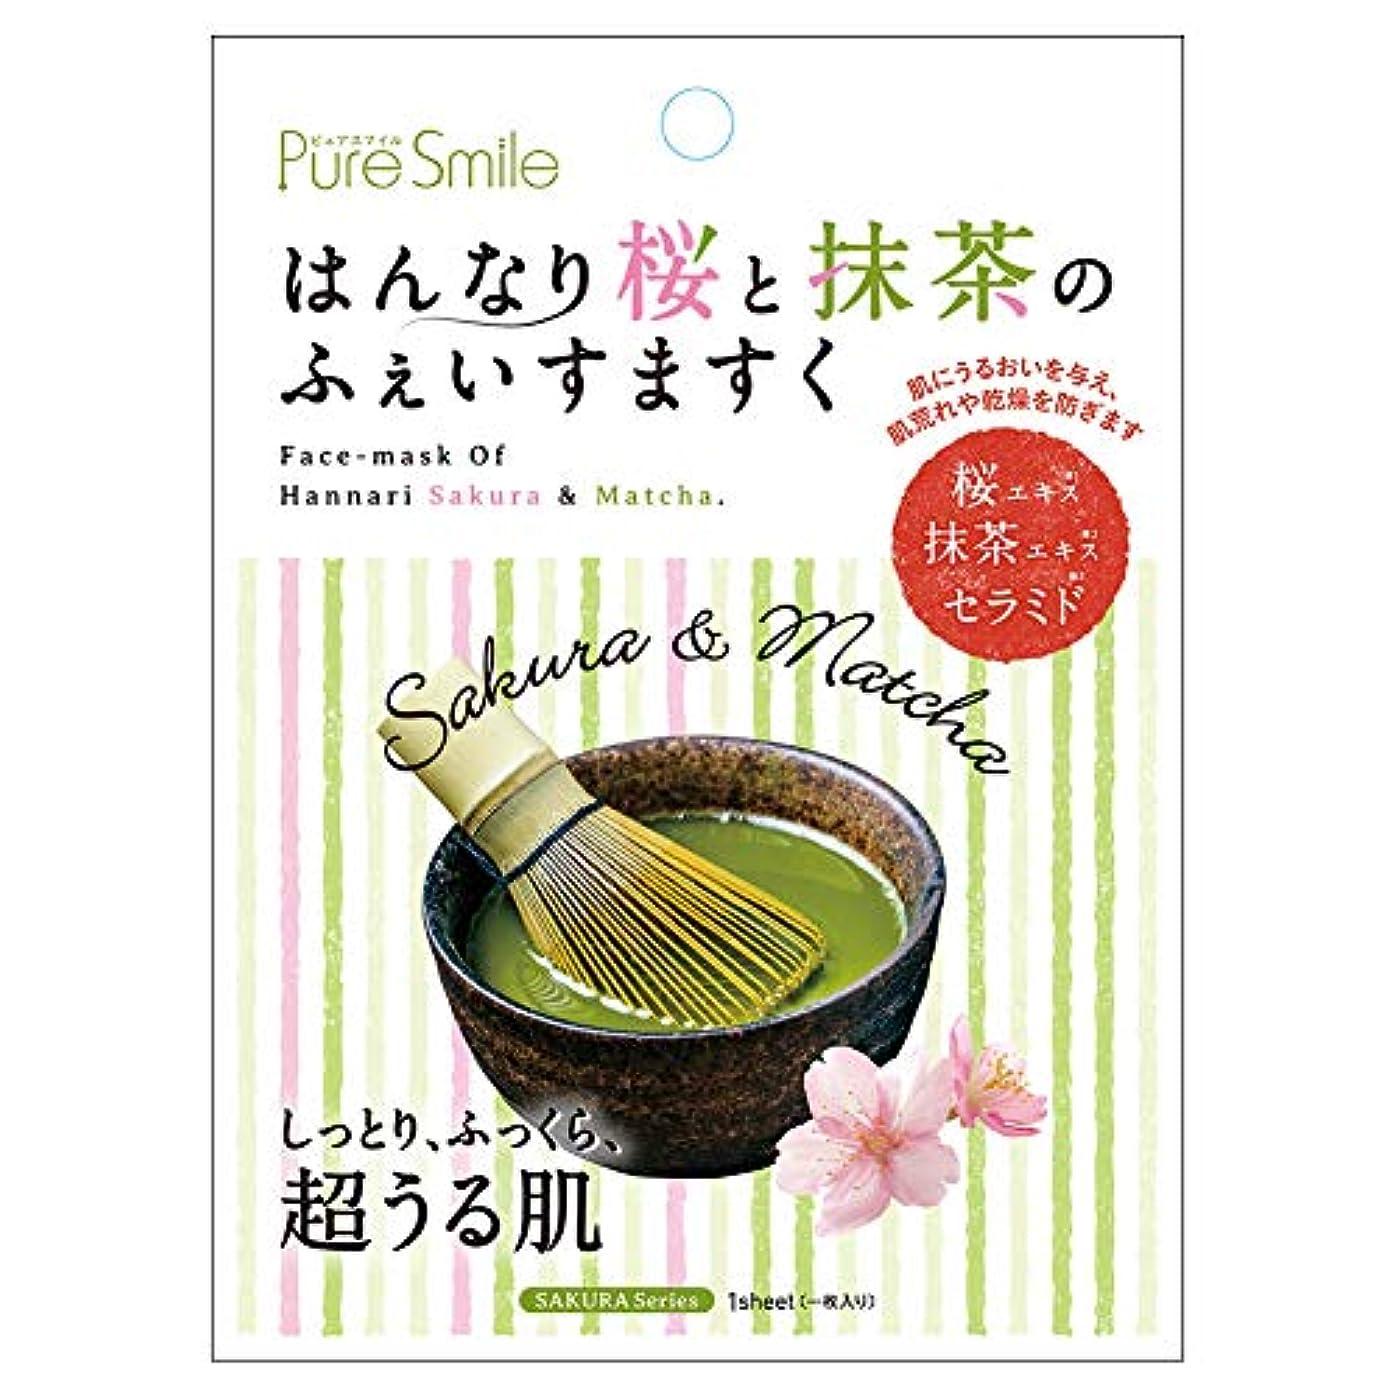 追い付く所持例外Pure Smile ピュアスマイル サクラエッセンスマスク SR01 はんなり桜と抹茶